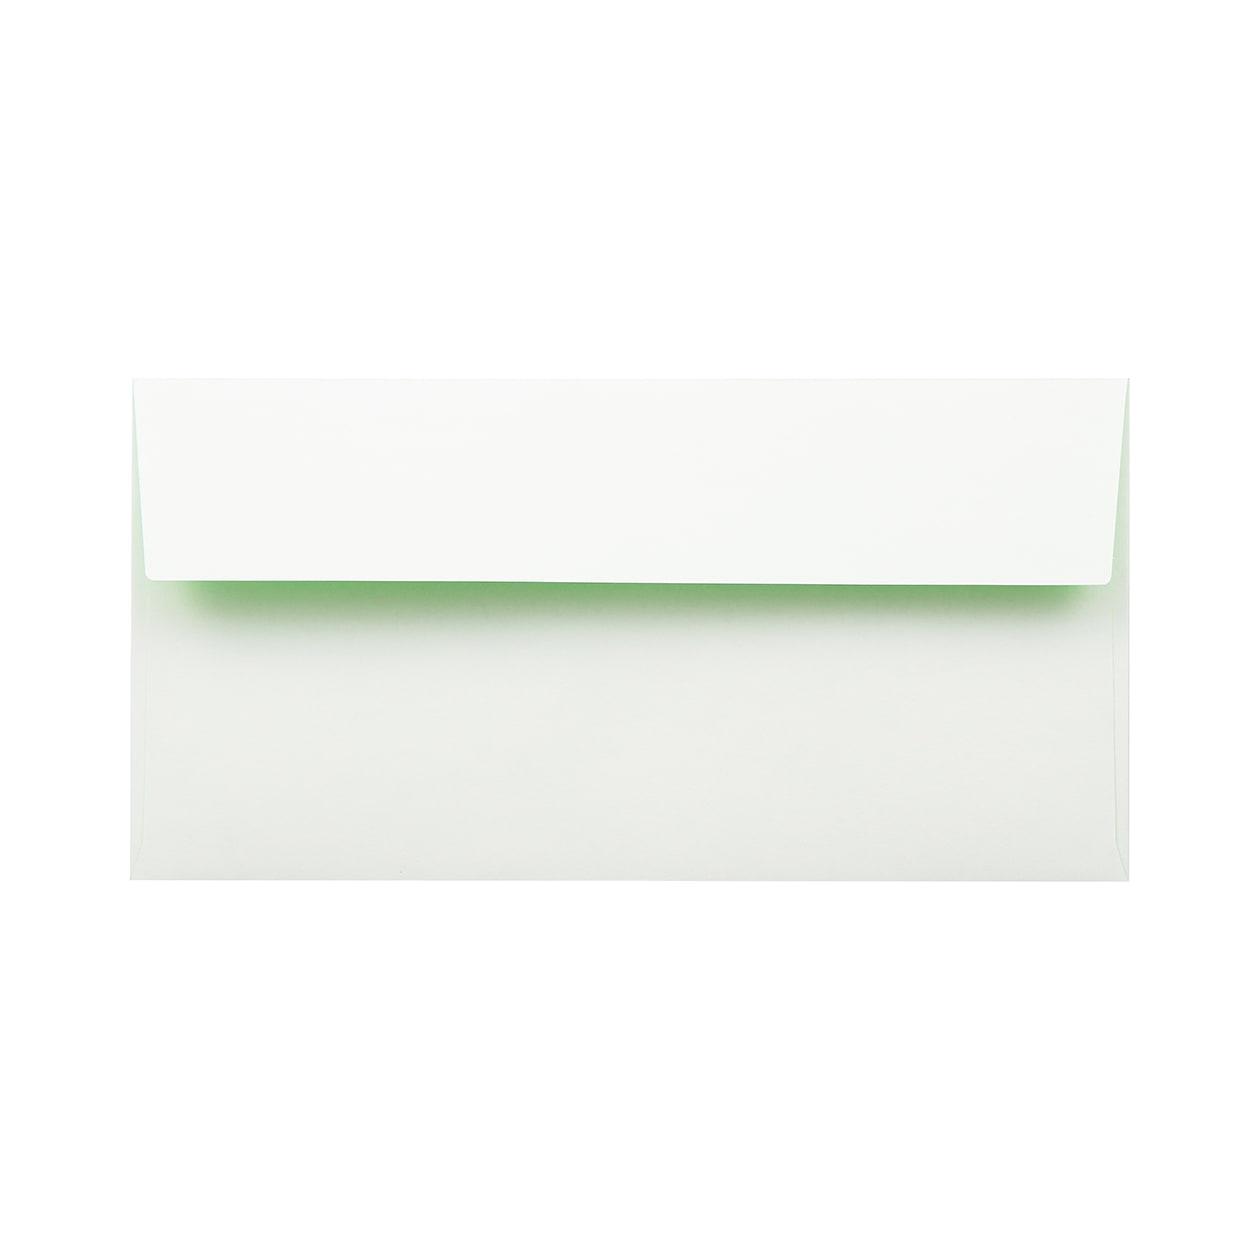 長3カマス封筒 フラッシュカラー ホワイト×キミドリ 100g